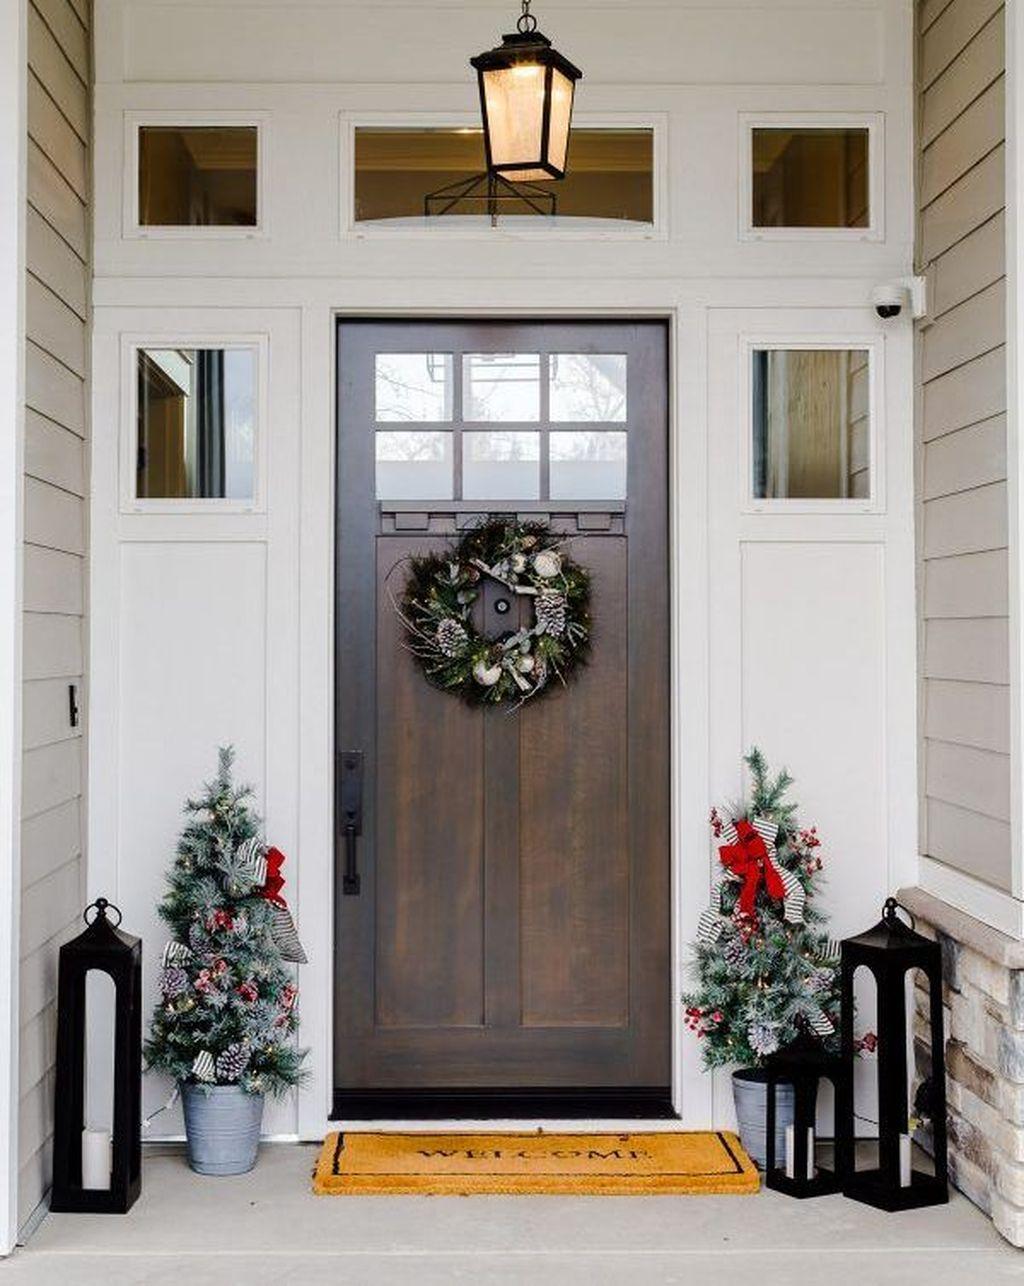 Unique Christmas Decoration Ideas For Front Porch 16